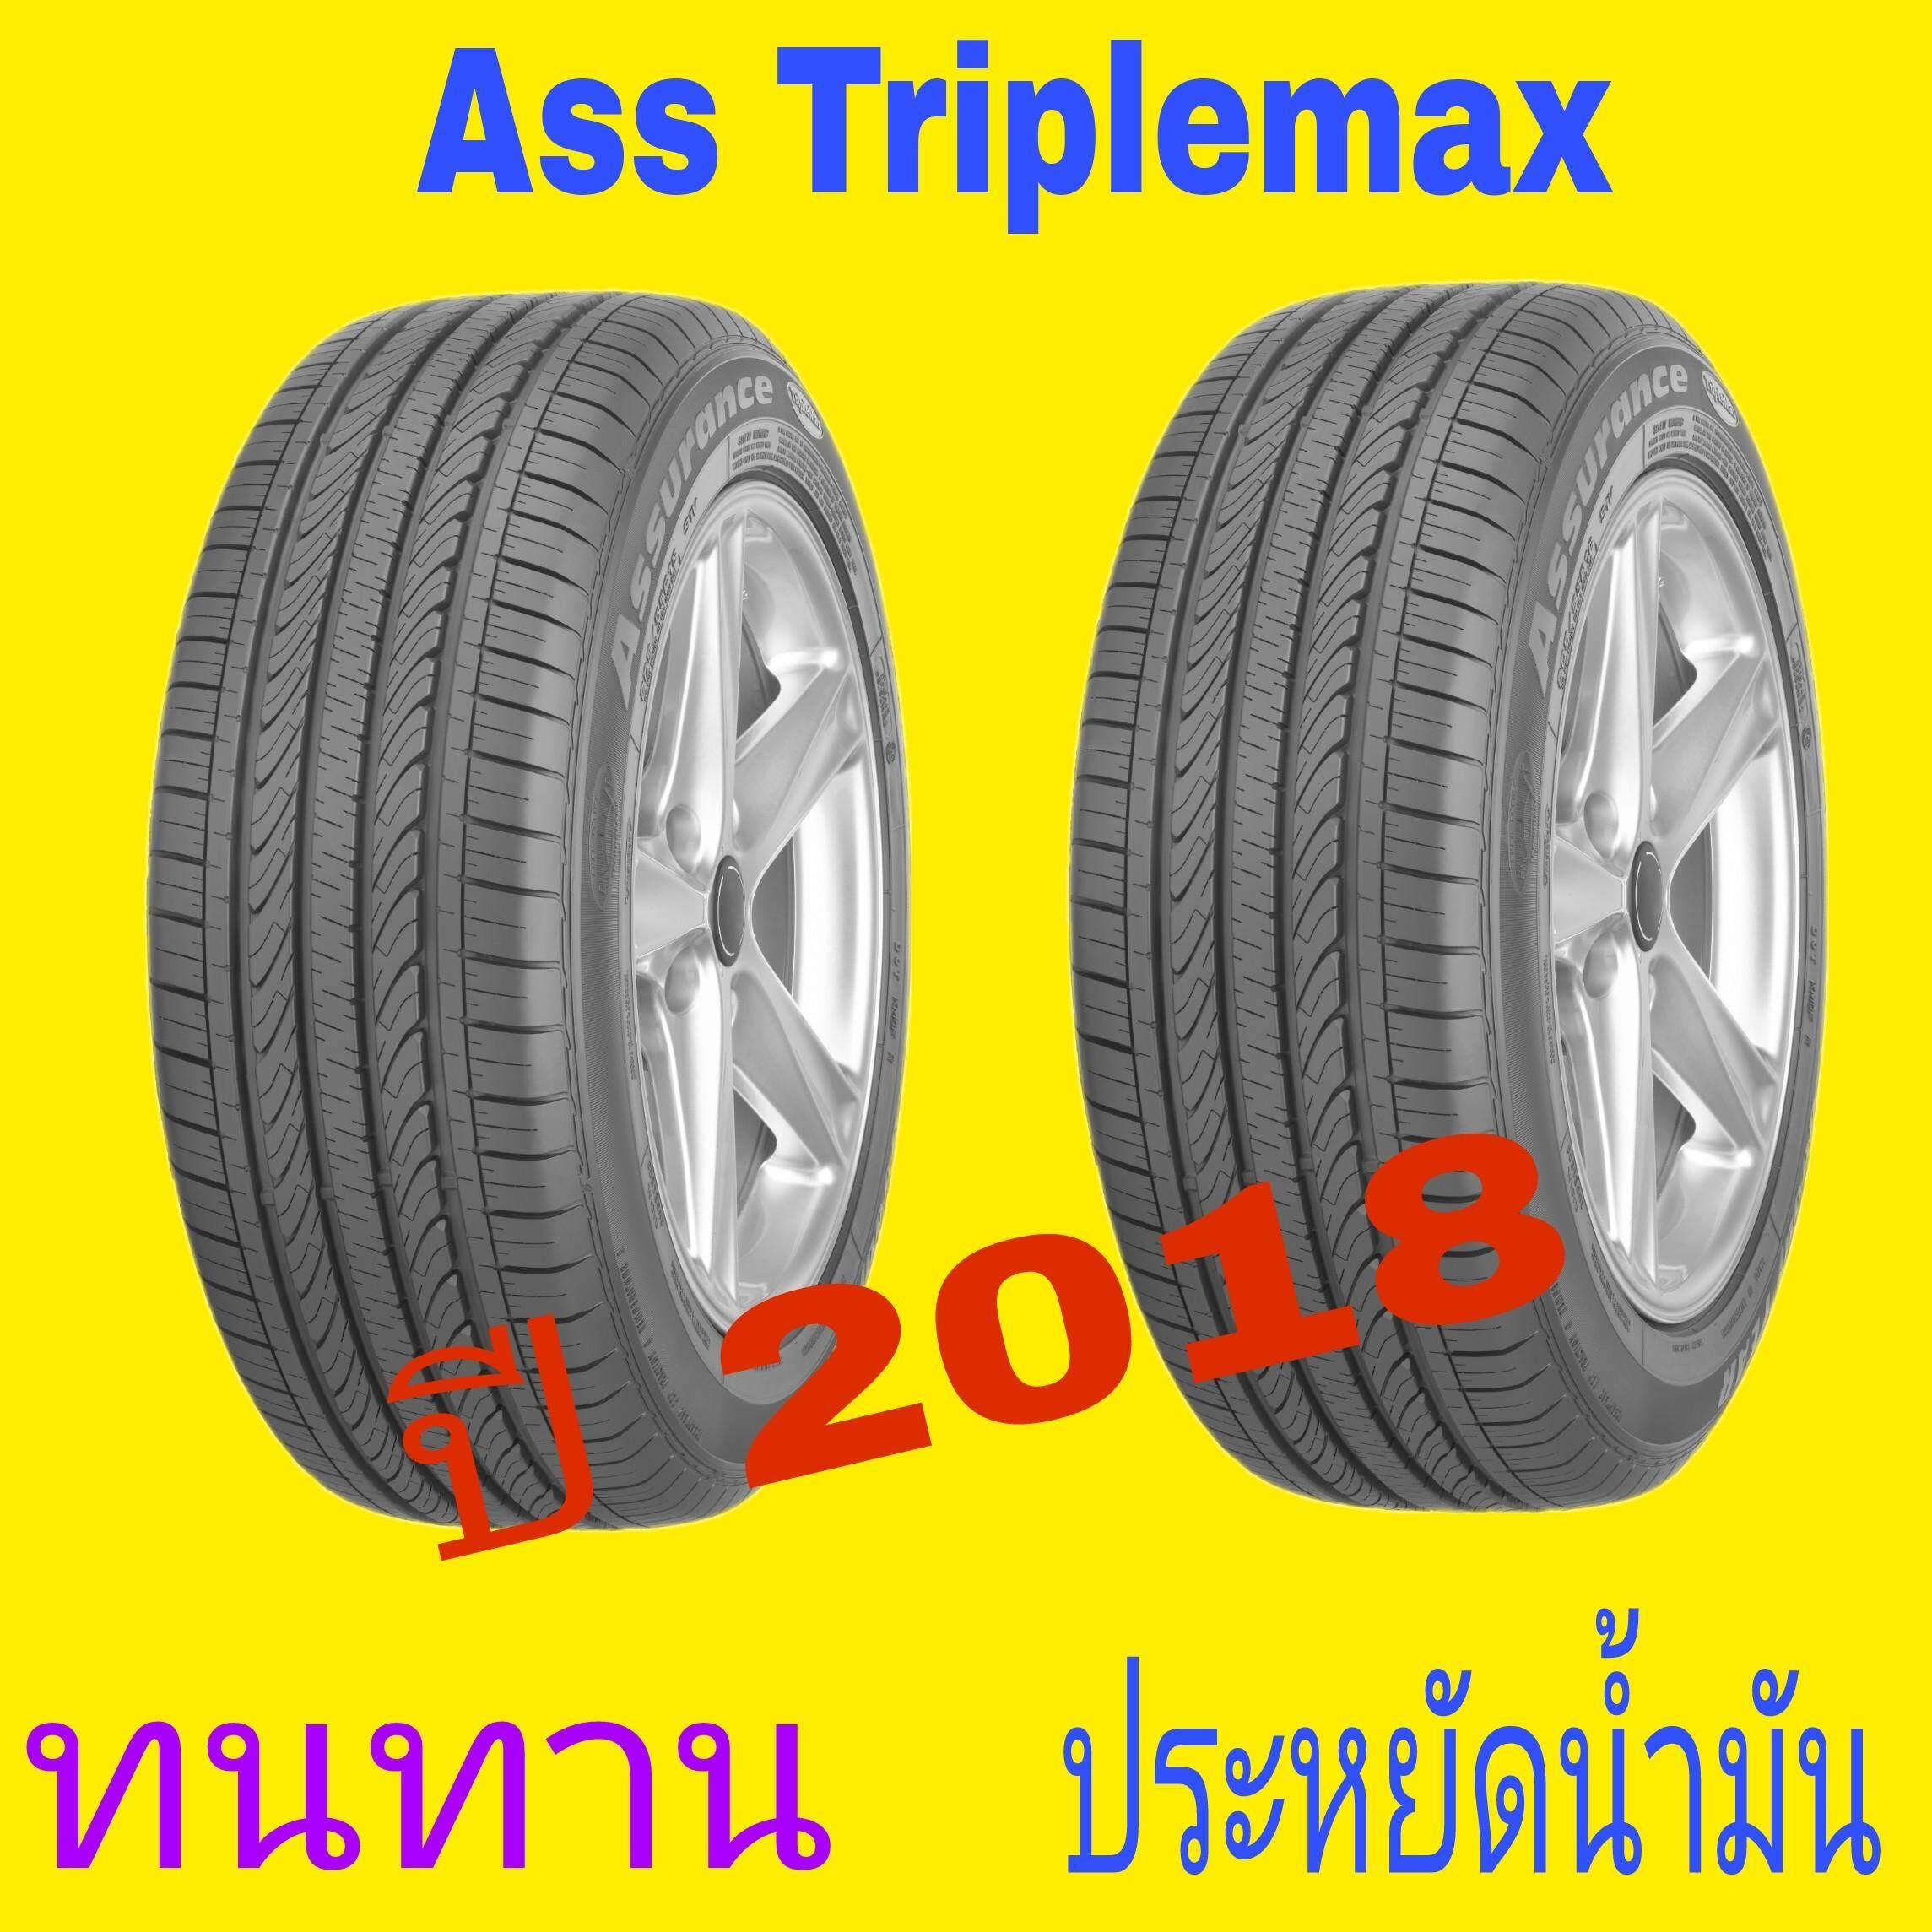 โปรโมชั่น Goodyear ยางรถยนต์ 205 55R16 รุ่น Assurance Triplemax 2 เส้น Goodyear